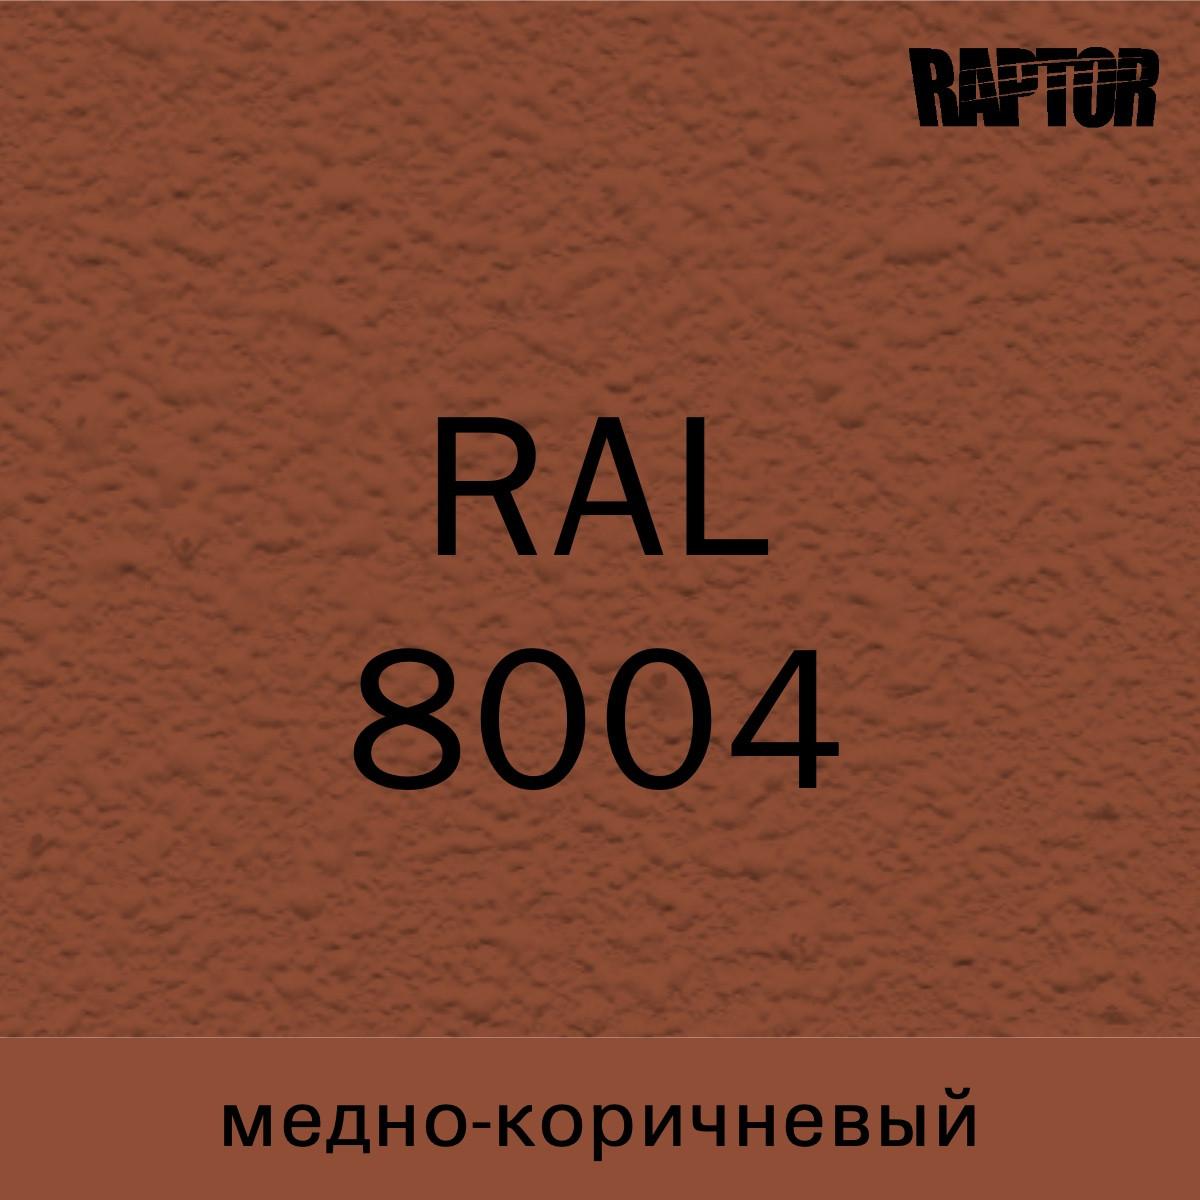 Пигмент для колеровки покрытия RAPTOR™ Медно-коричневый (RAL 8004)